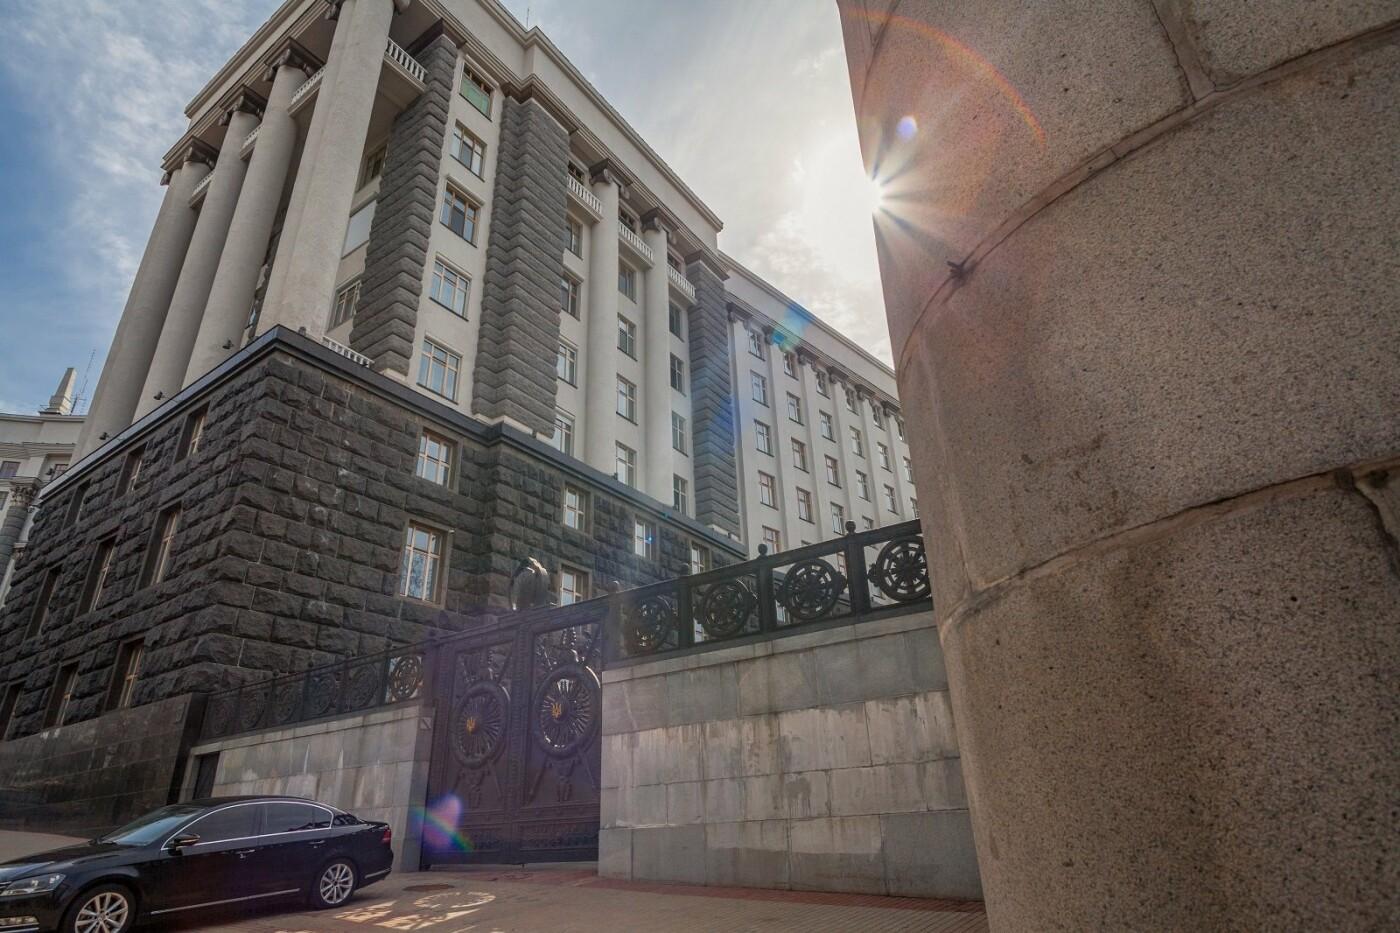 Монументализм и НКВД: здание Кабинета Министров Украины в Киеве и его уникальность, - ФОТО, Фото: TOMEKTHEBEST